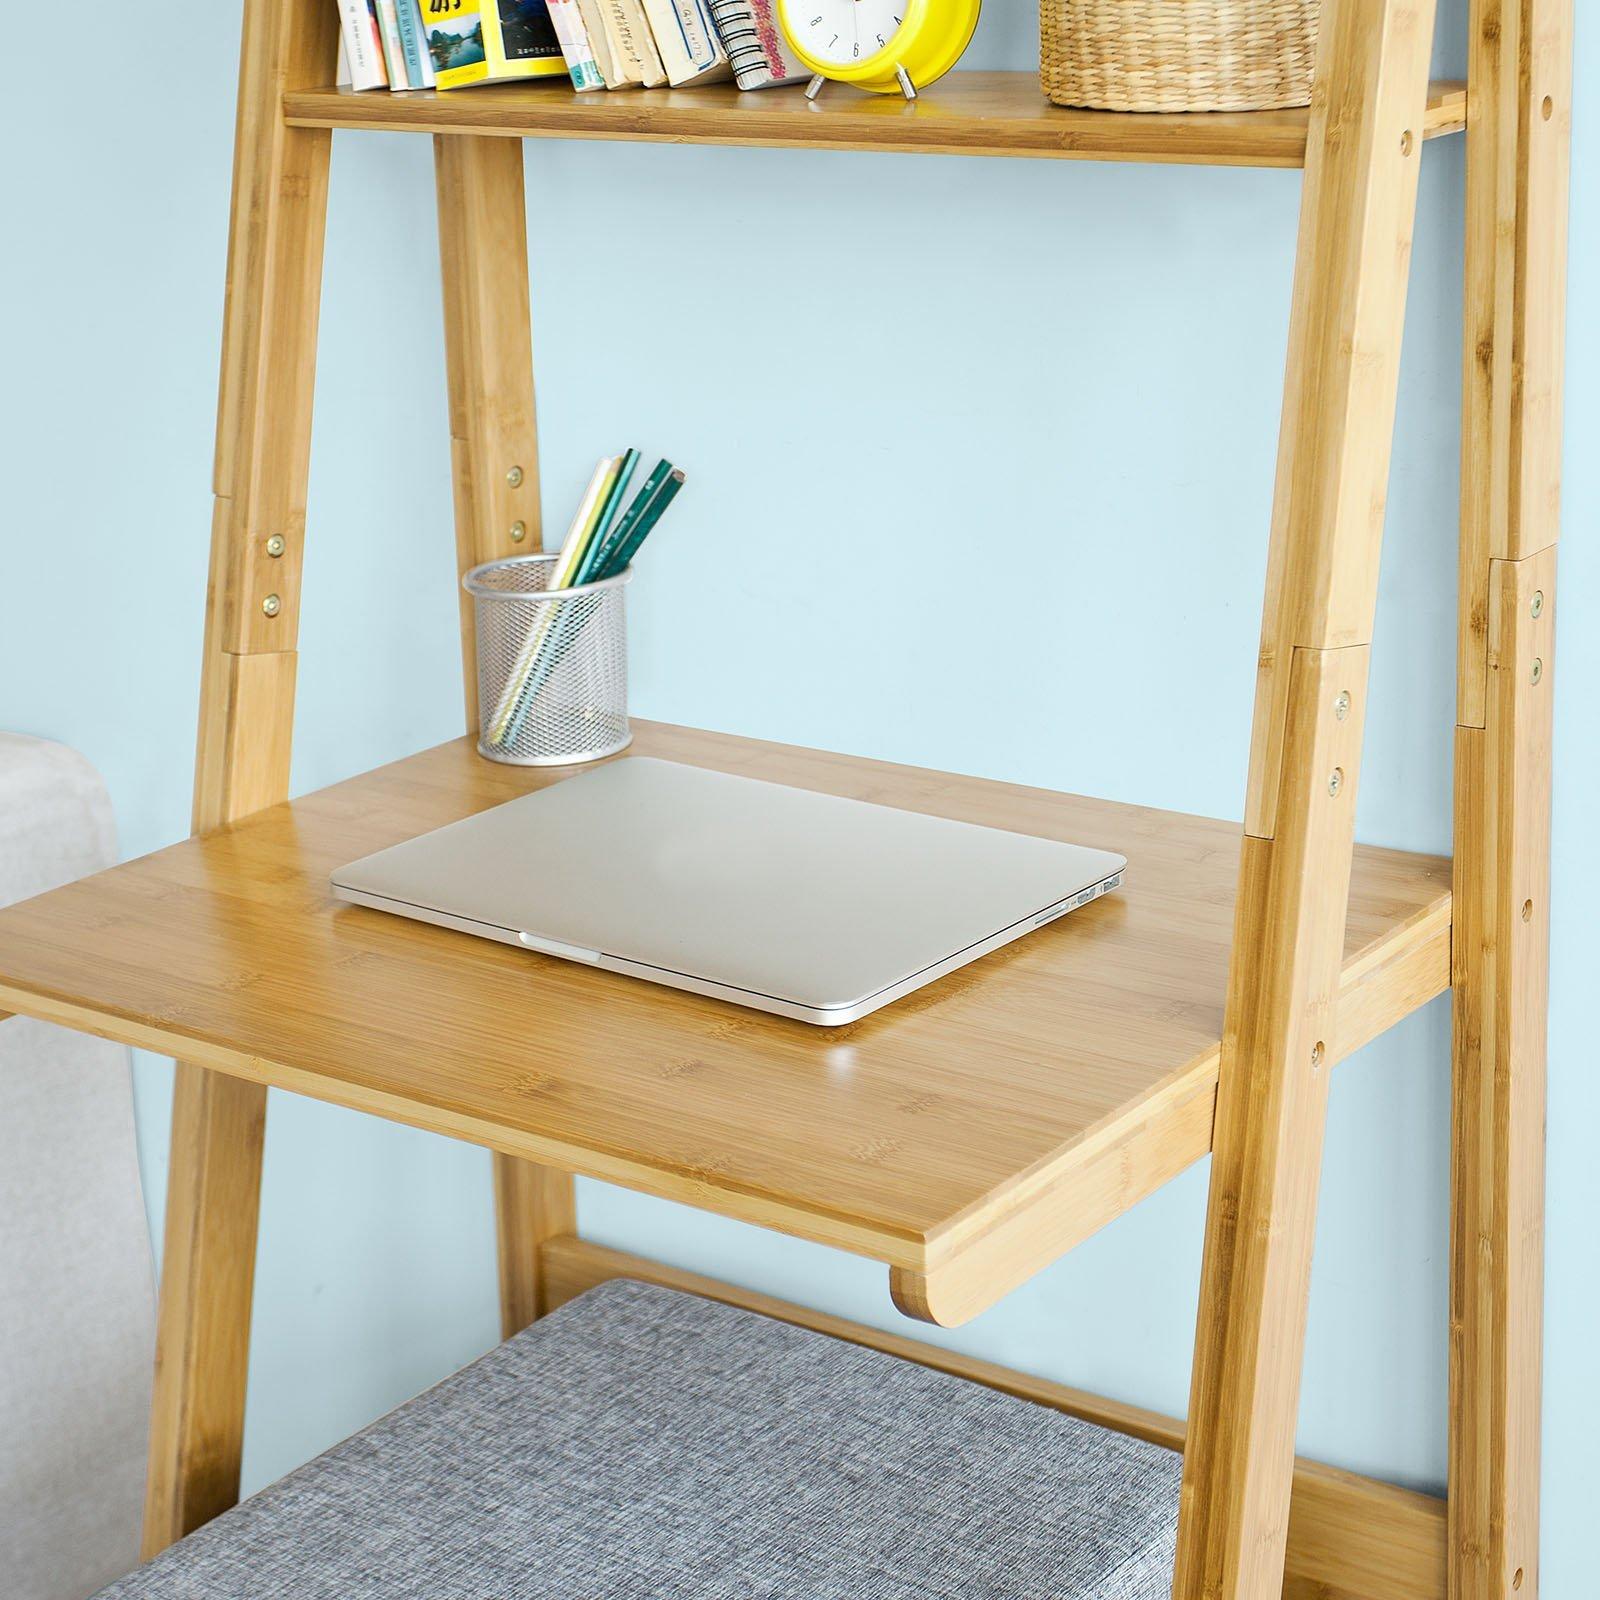 SoBuy® Estantería de Pared Escalera de bambú estantería de Escritorio estantería estantería de Escritorio FRG60-B-N: Amazon.es: Juguetes y juegos